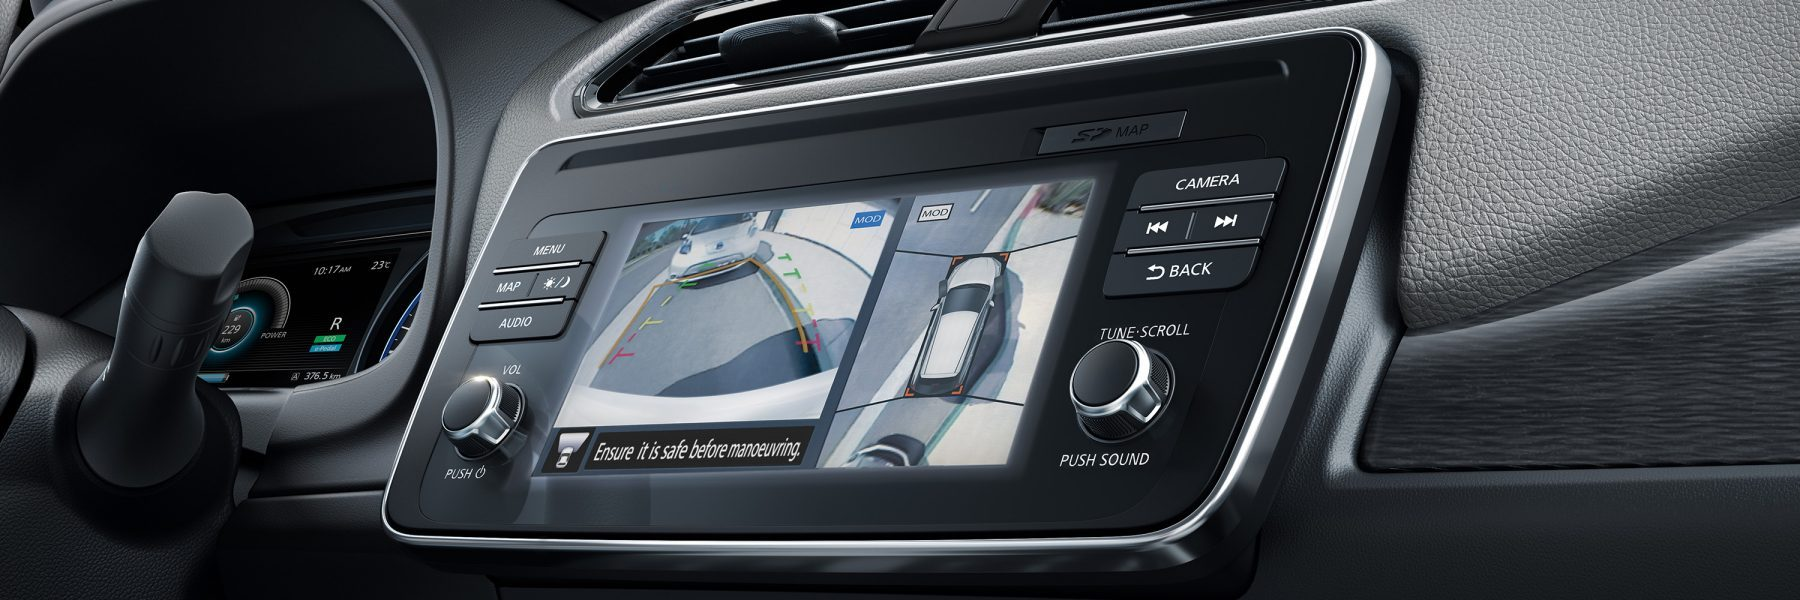 Nieuwe Nissan LEAF Intelligent Around View Monitor-scherm